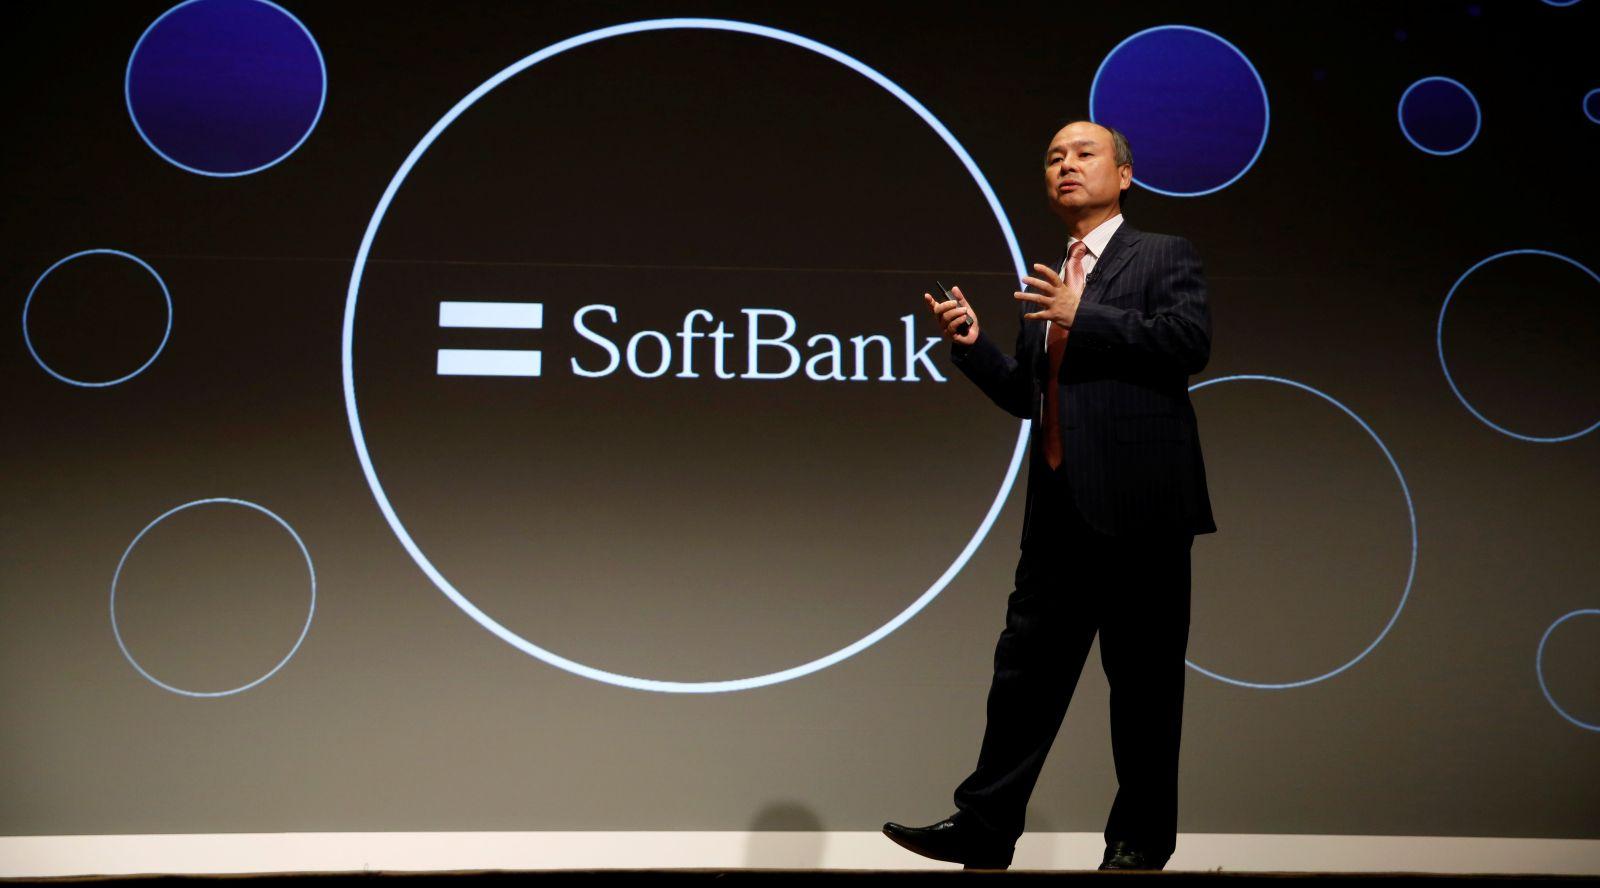 SoftBank, 애플과 삼성 결제 앱 적용